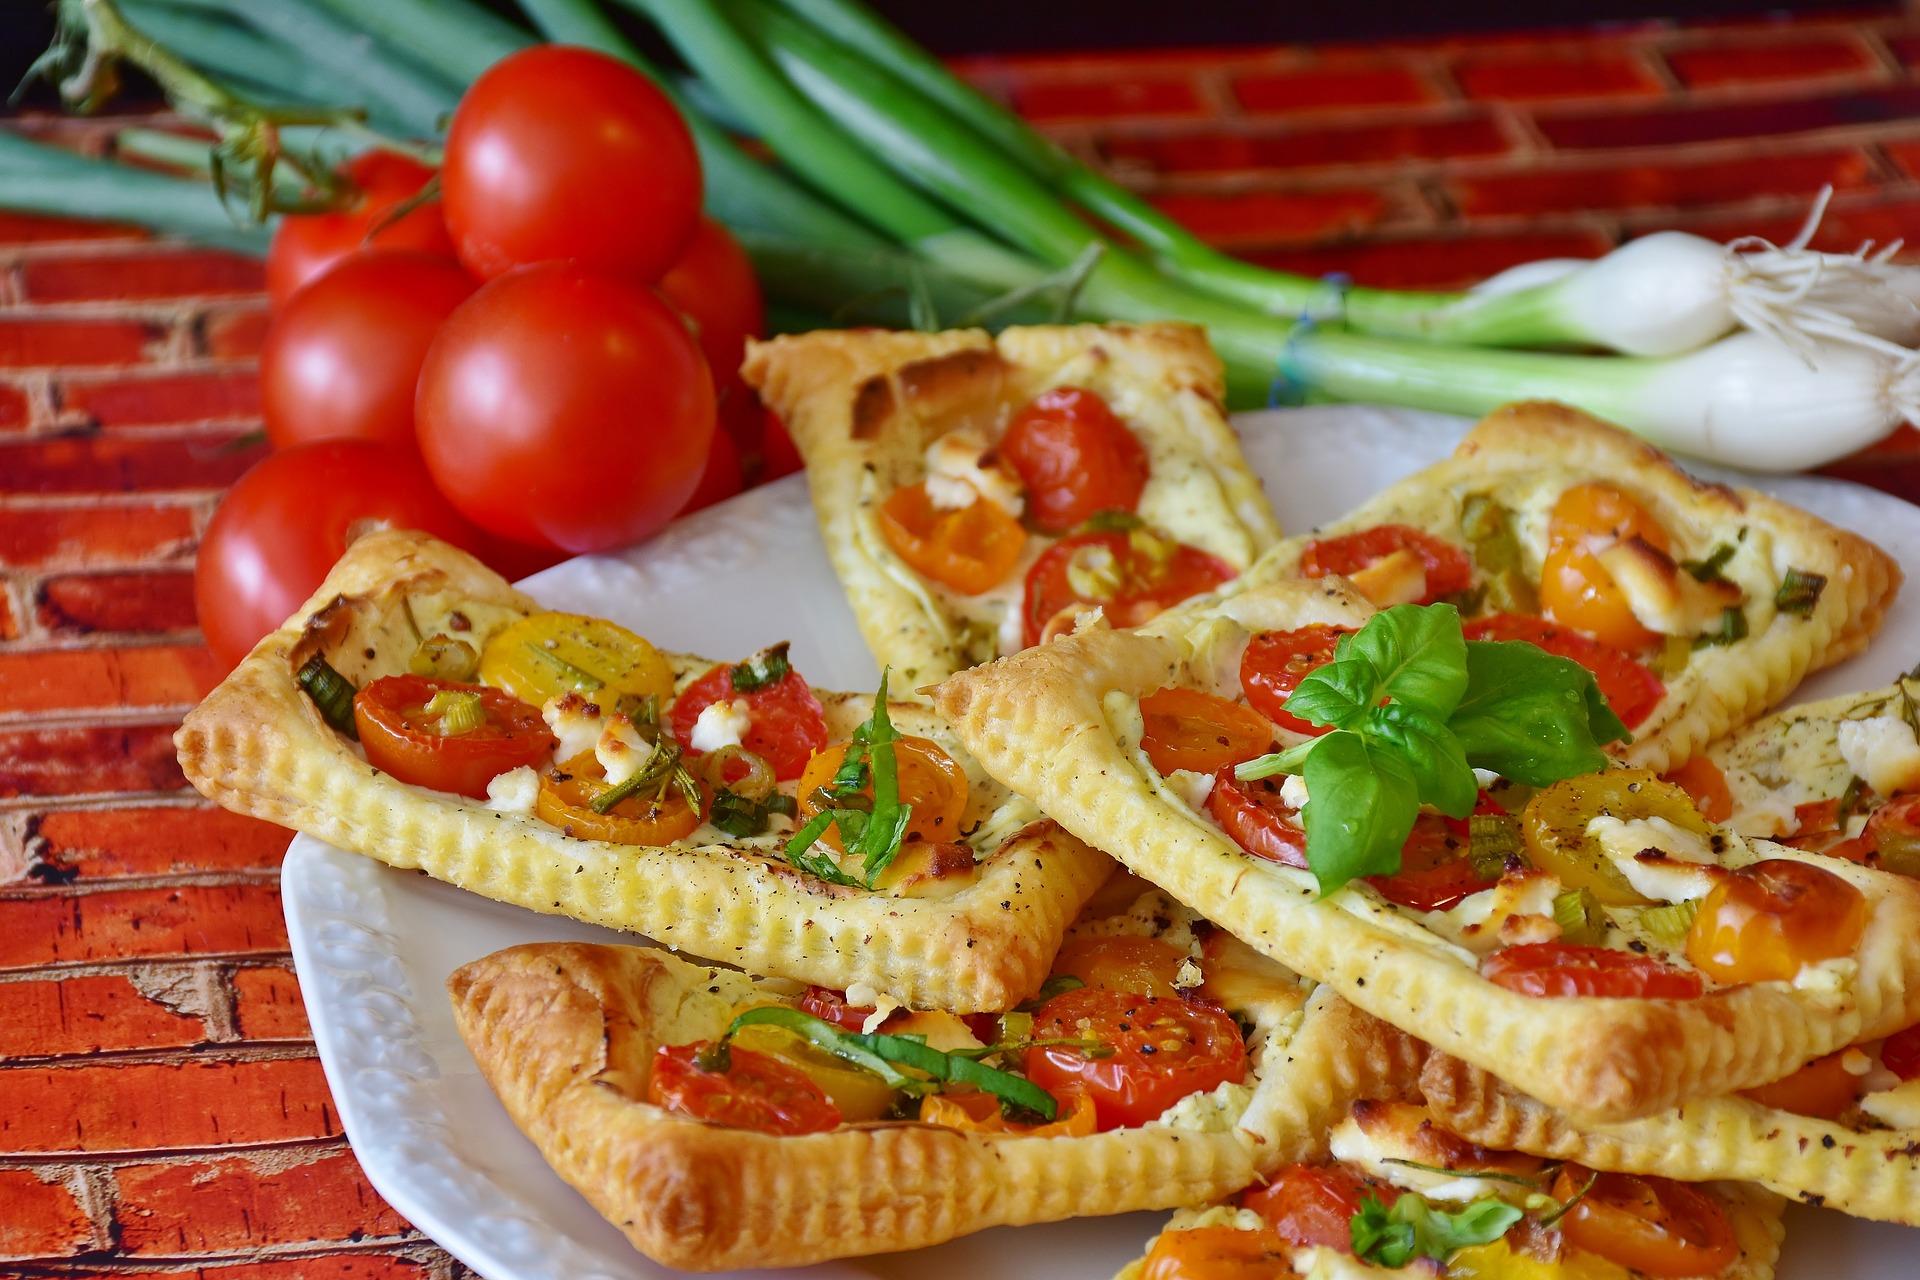 Ricette salate veloci con pasta sfoglia pronta: idee | Food Blog